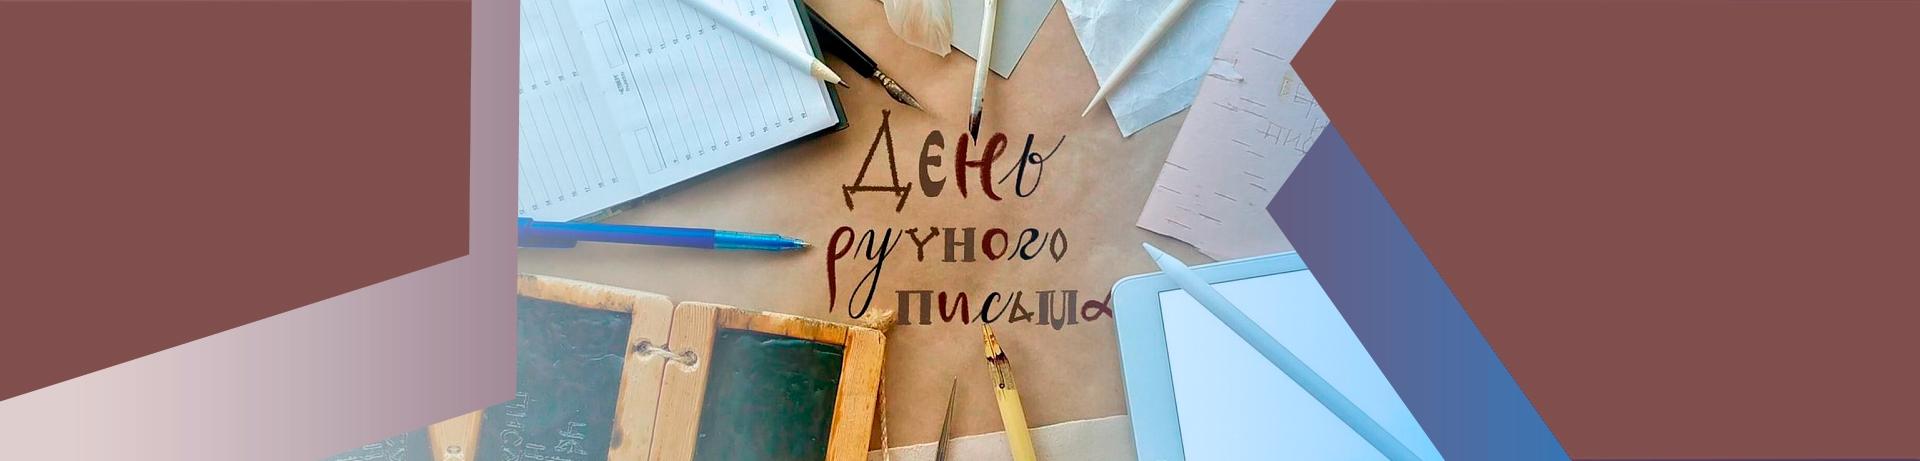 23 января - День ручного письма (День почерка)